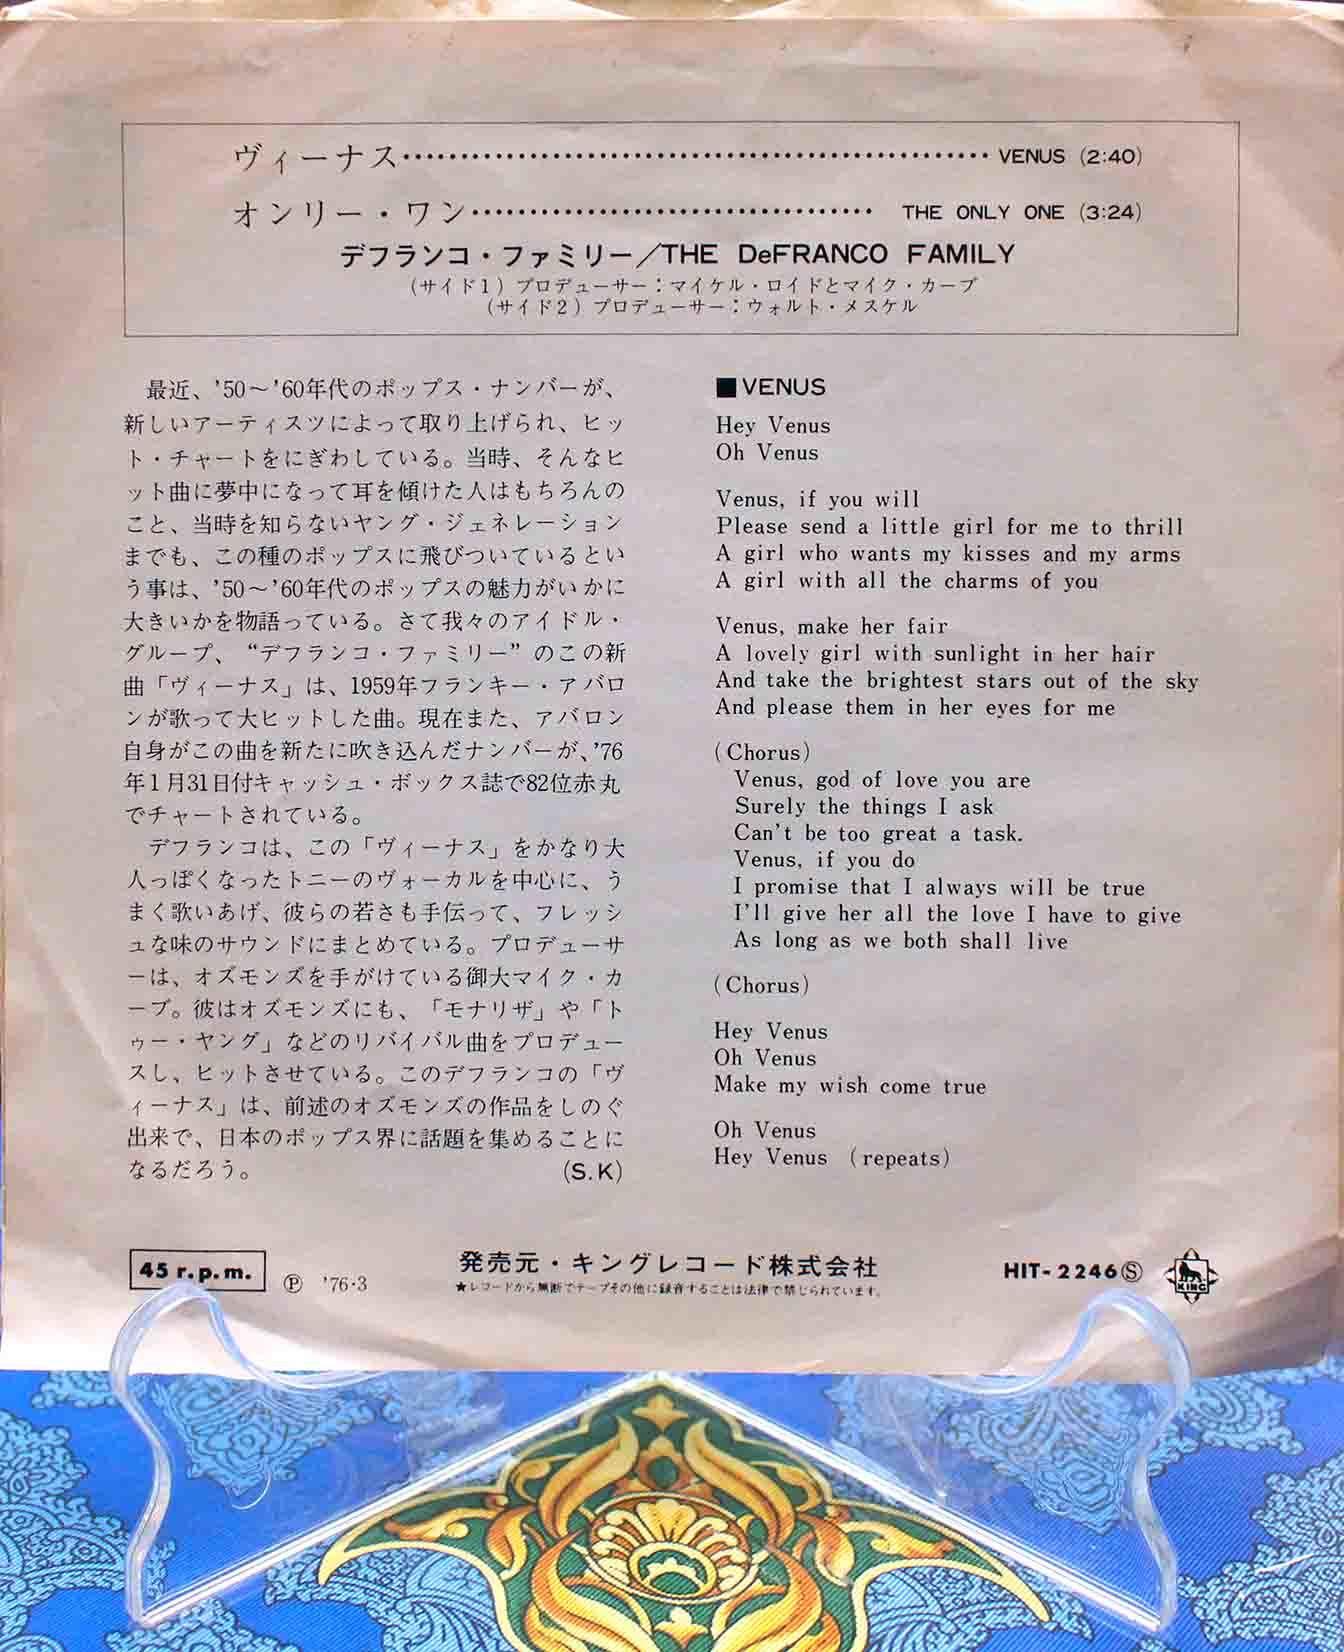 Frankie Avalon – Venus 06